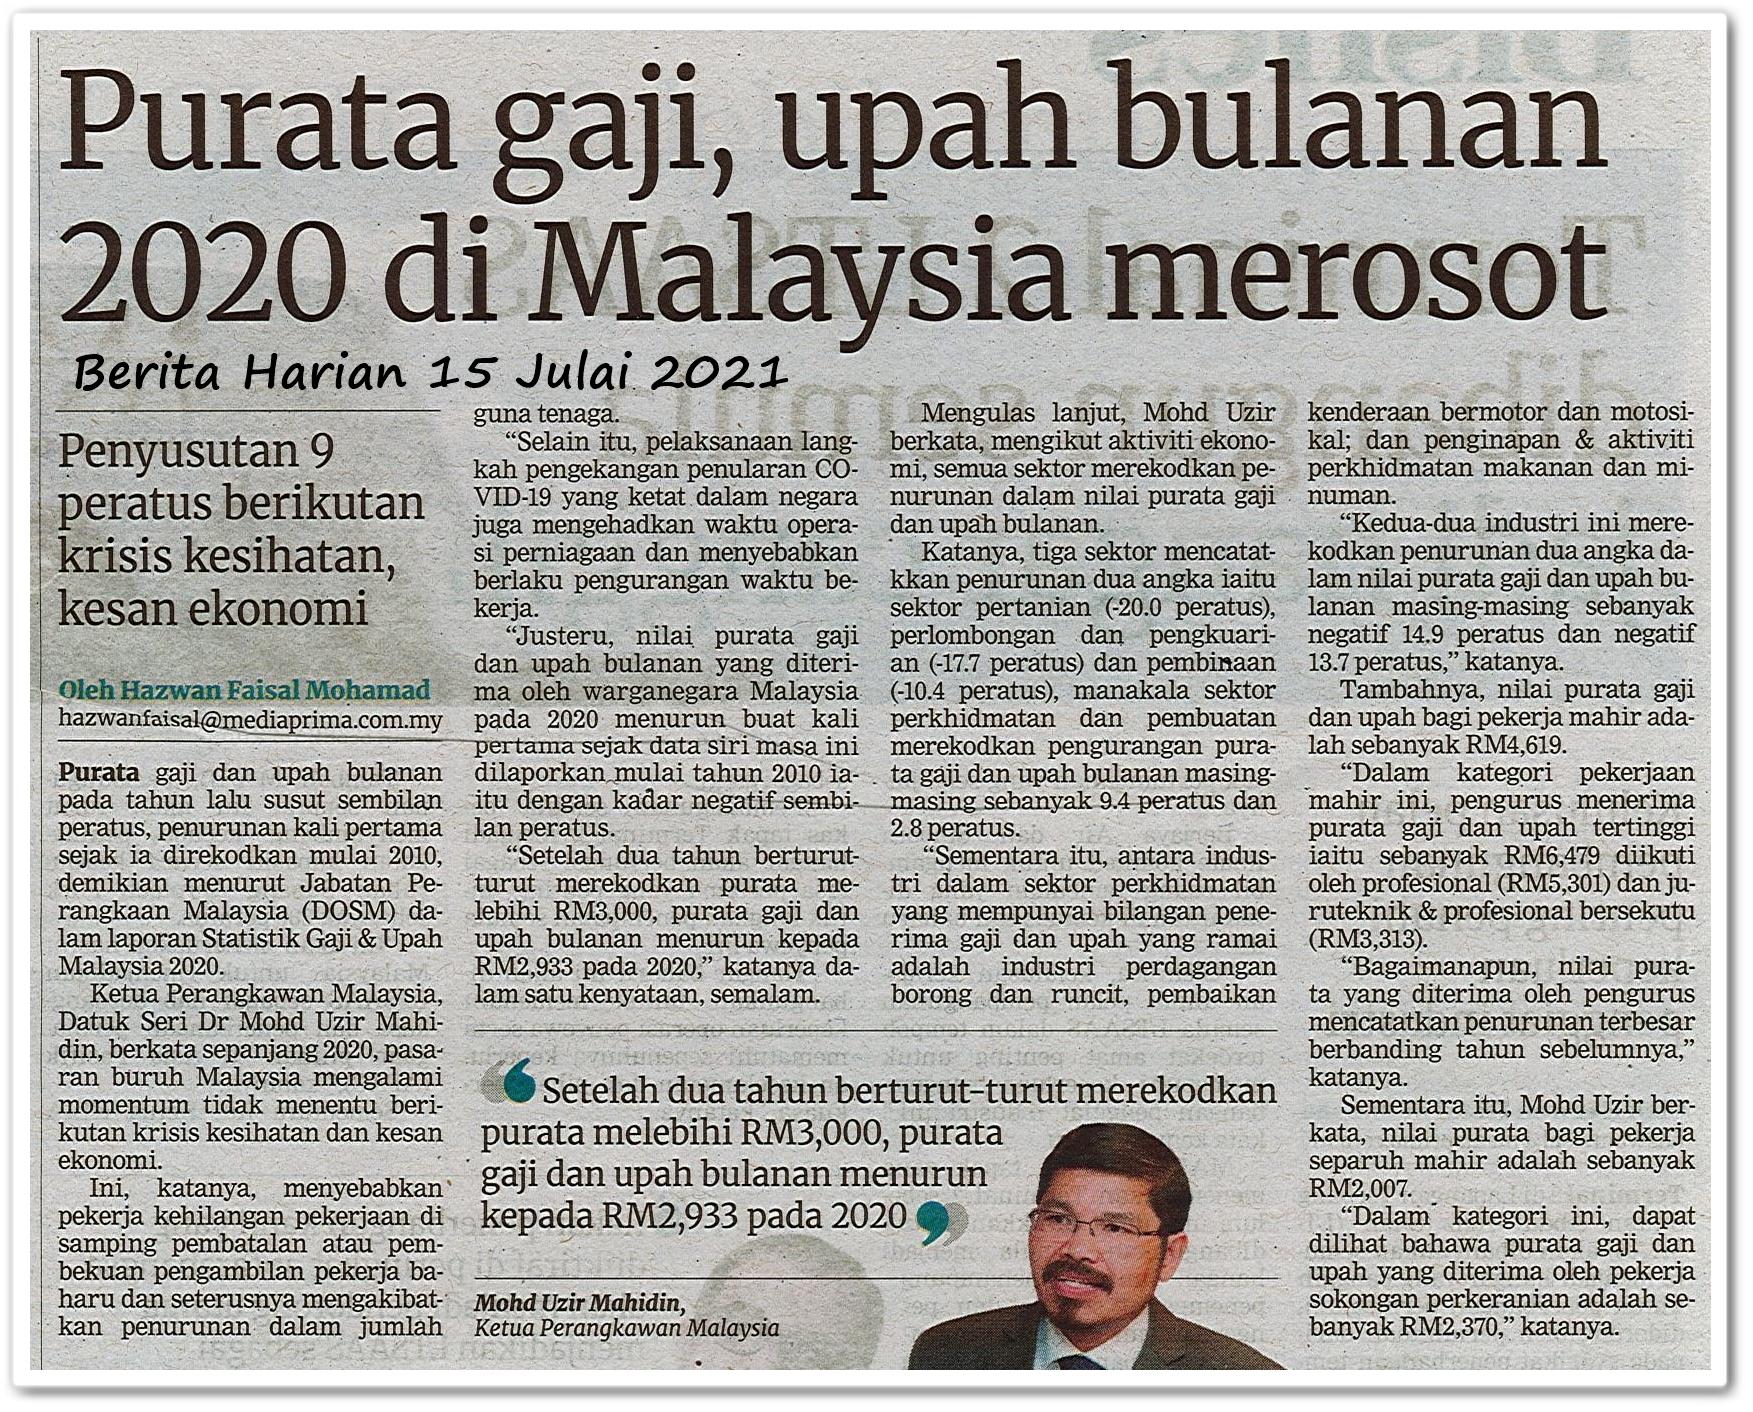 Purata gaji, upah bulanan 2020 di Malaysia merosot - Keratan akhbar Berita Harian 15 Julai 2021